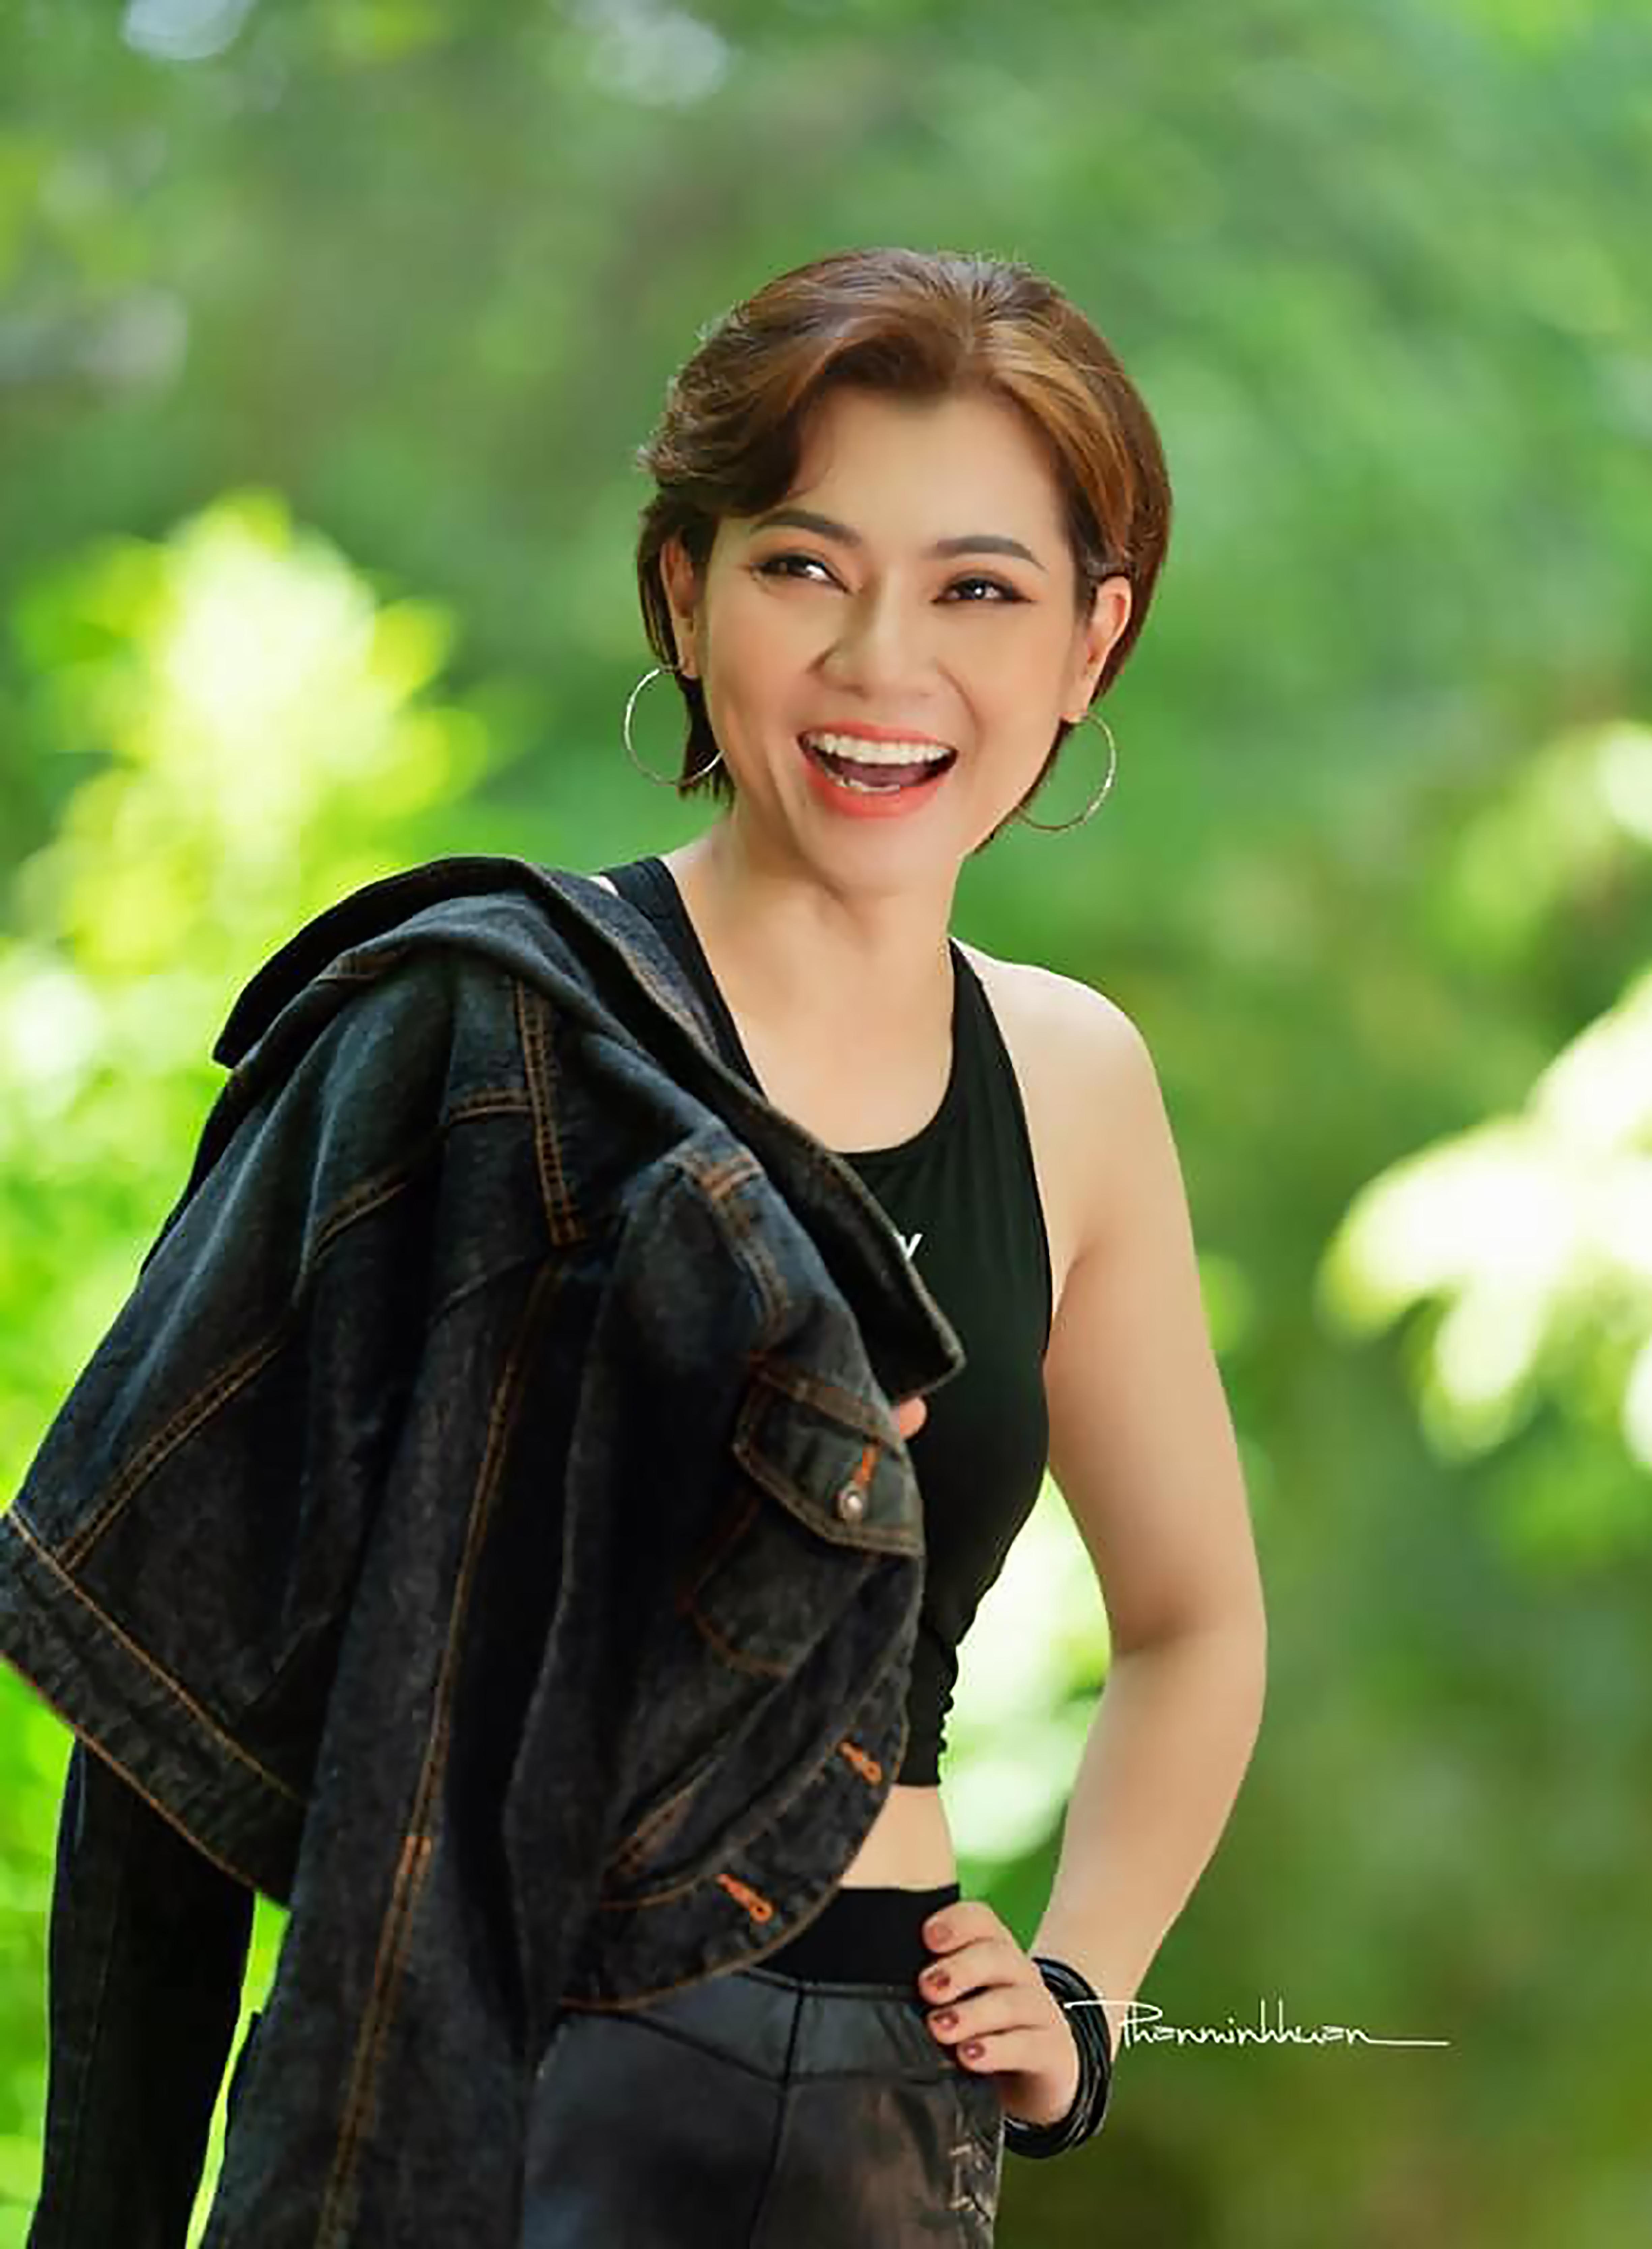 HotMom Kim Huỳnh – Ước Mơ Mang Sức Khỏe Và Cái Đẹp Đến Với Bao Người